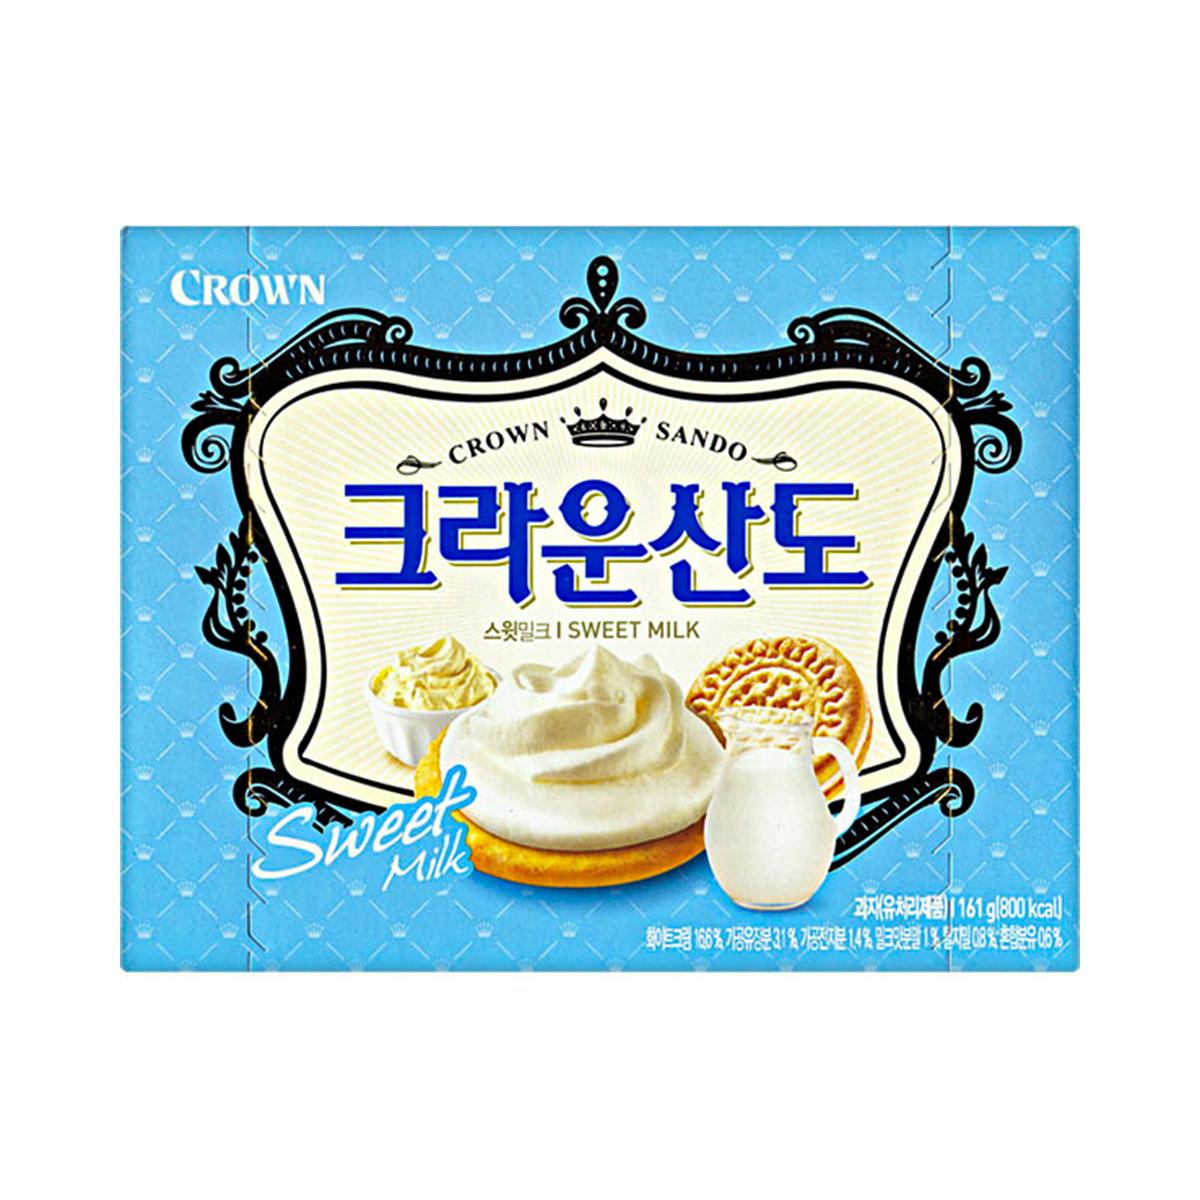 Biscoito Coreano Recheado com Creme de Leite e Mascarpone Sando Crown - 161 gramas